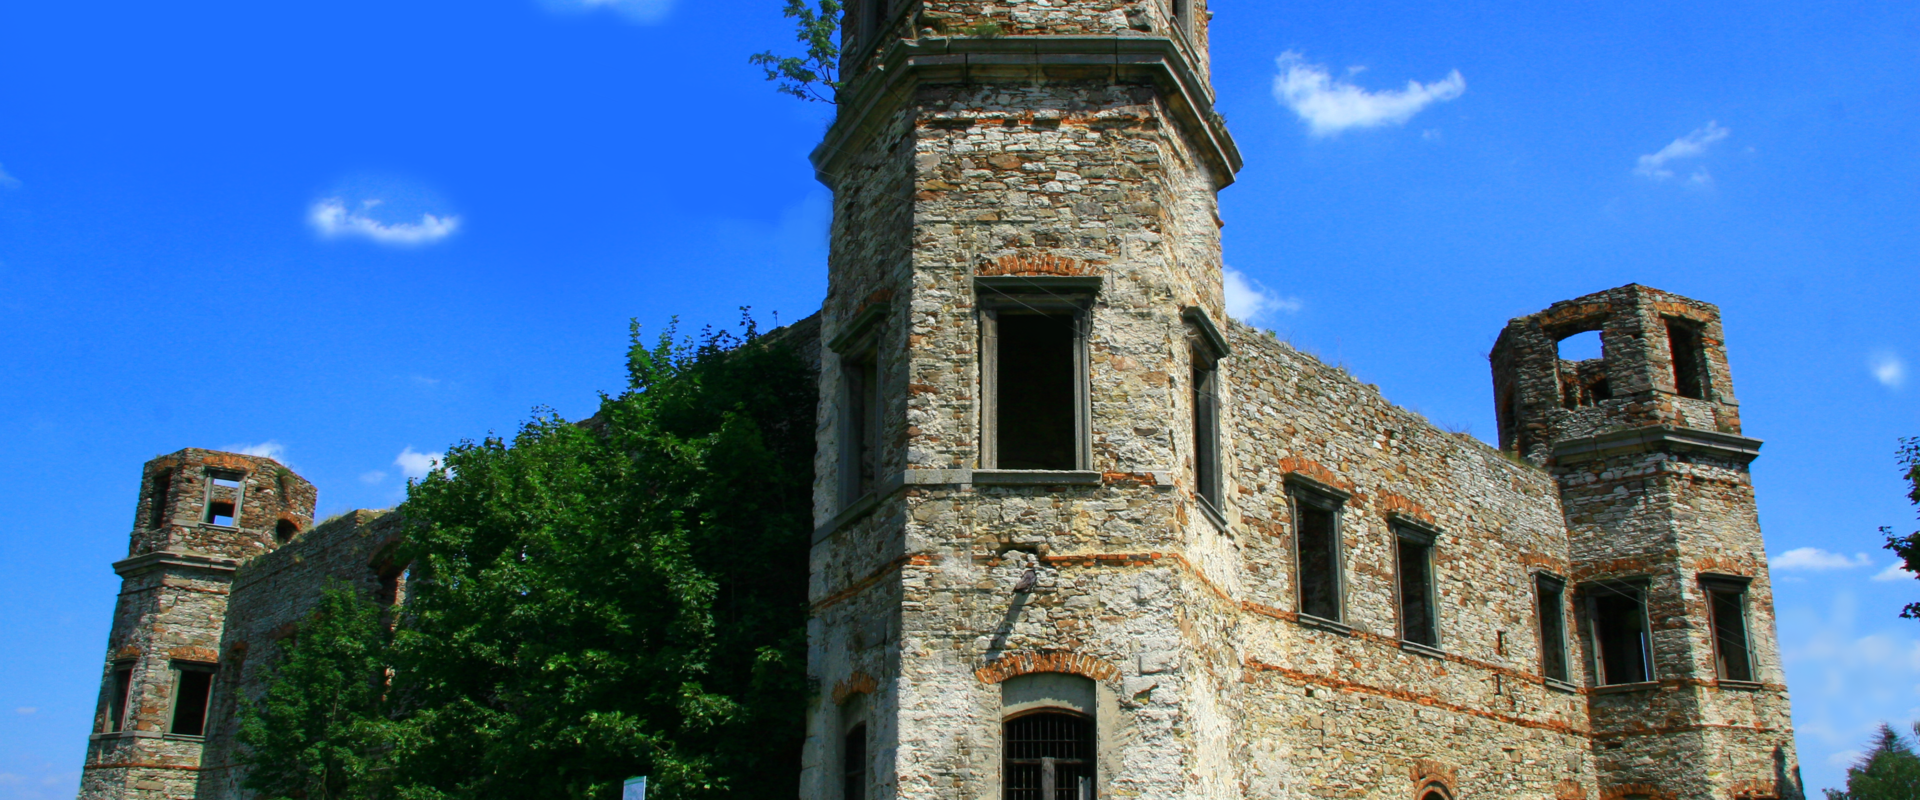 Ruiny pałacu w Podzamczu Piekoszowskim